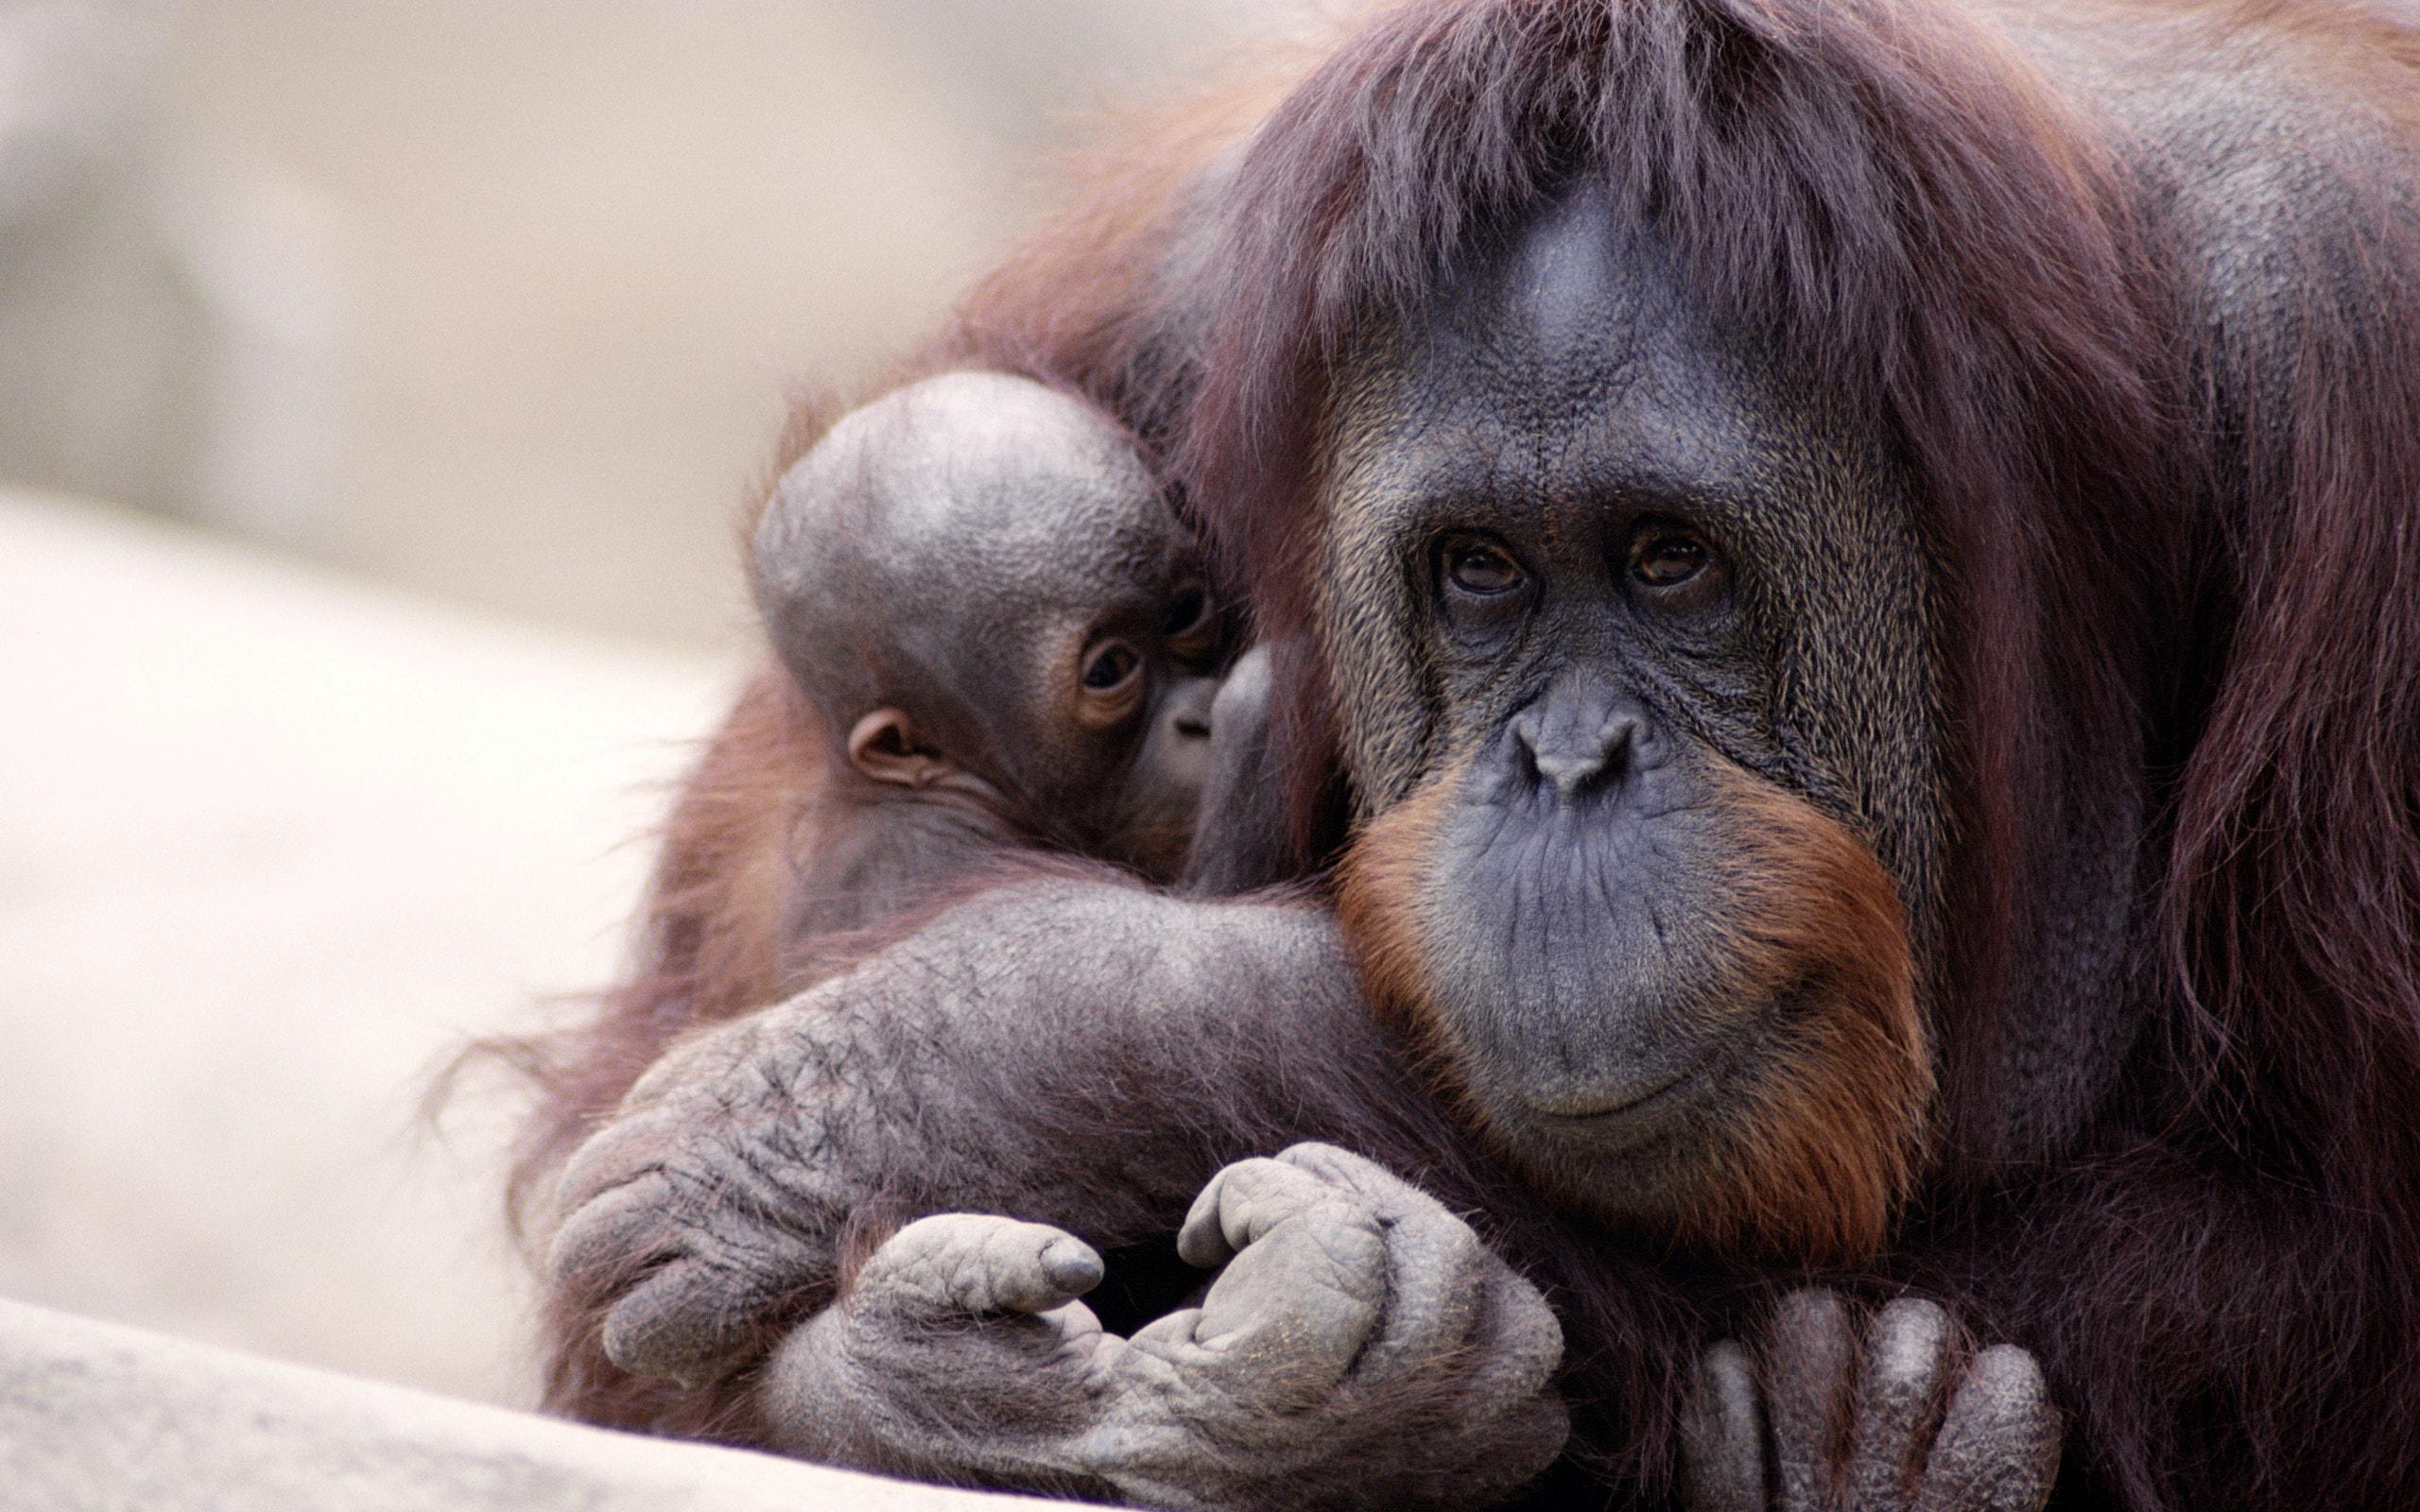 Orangutan High